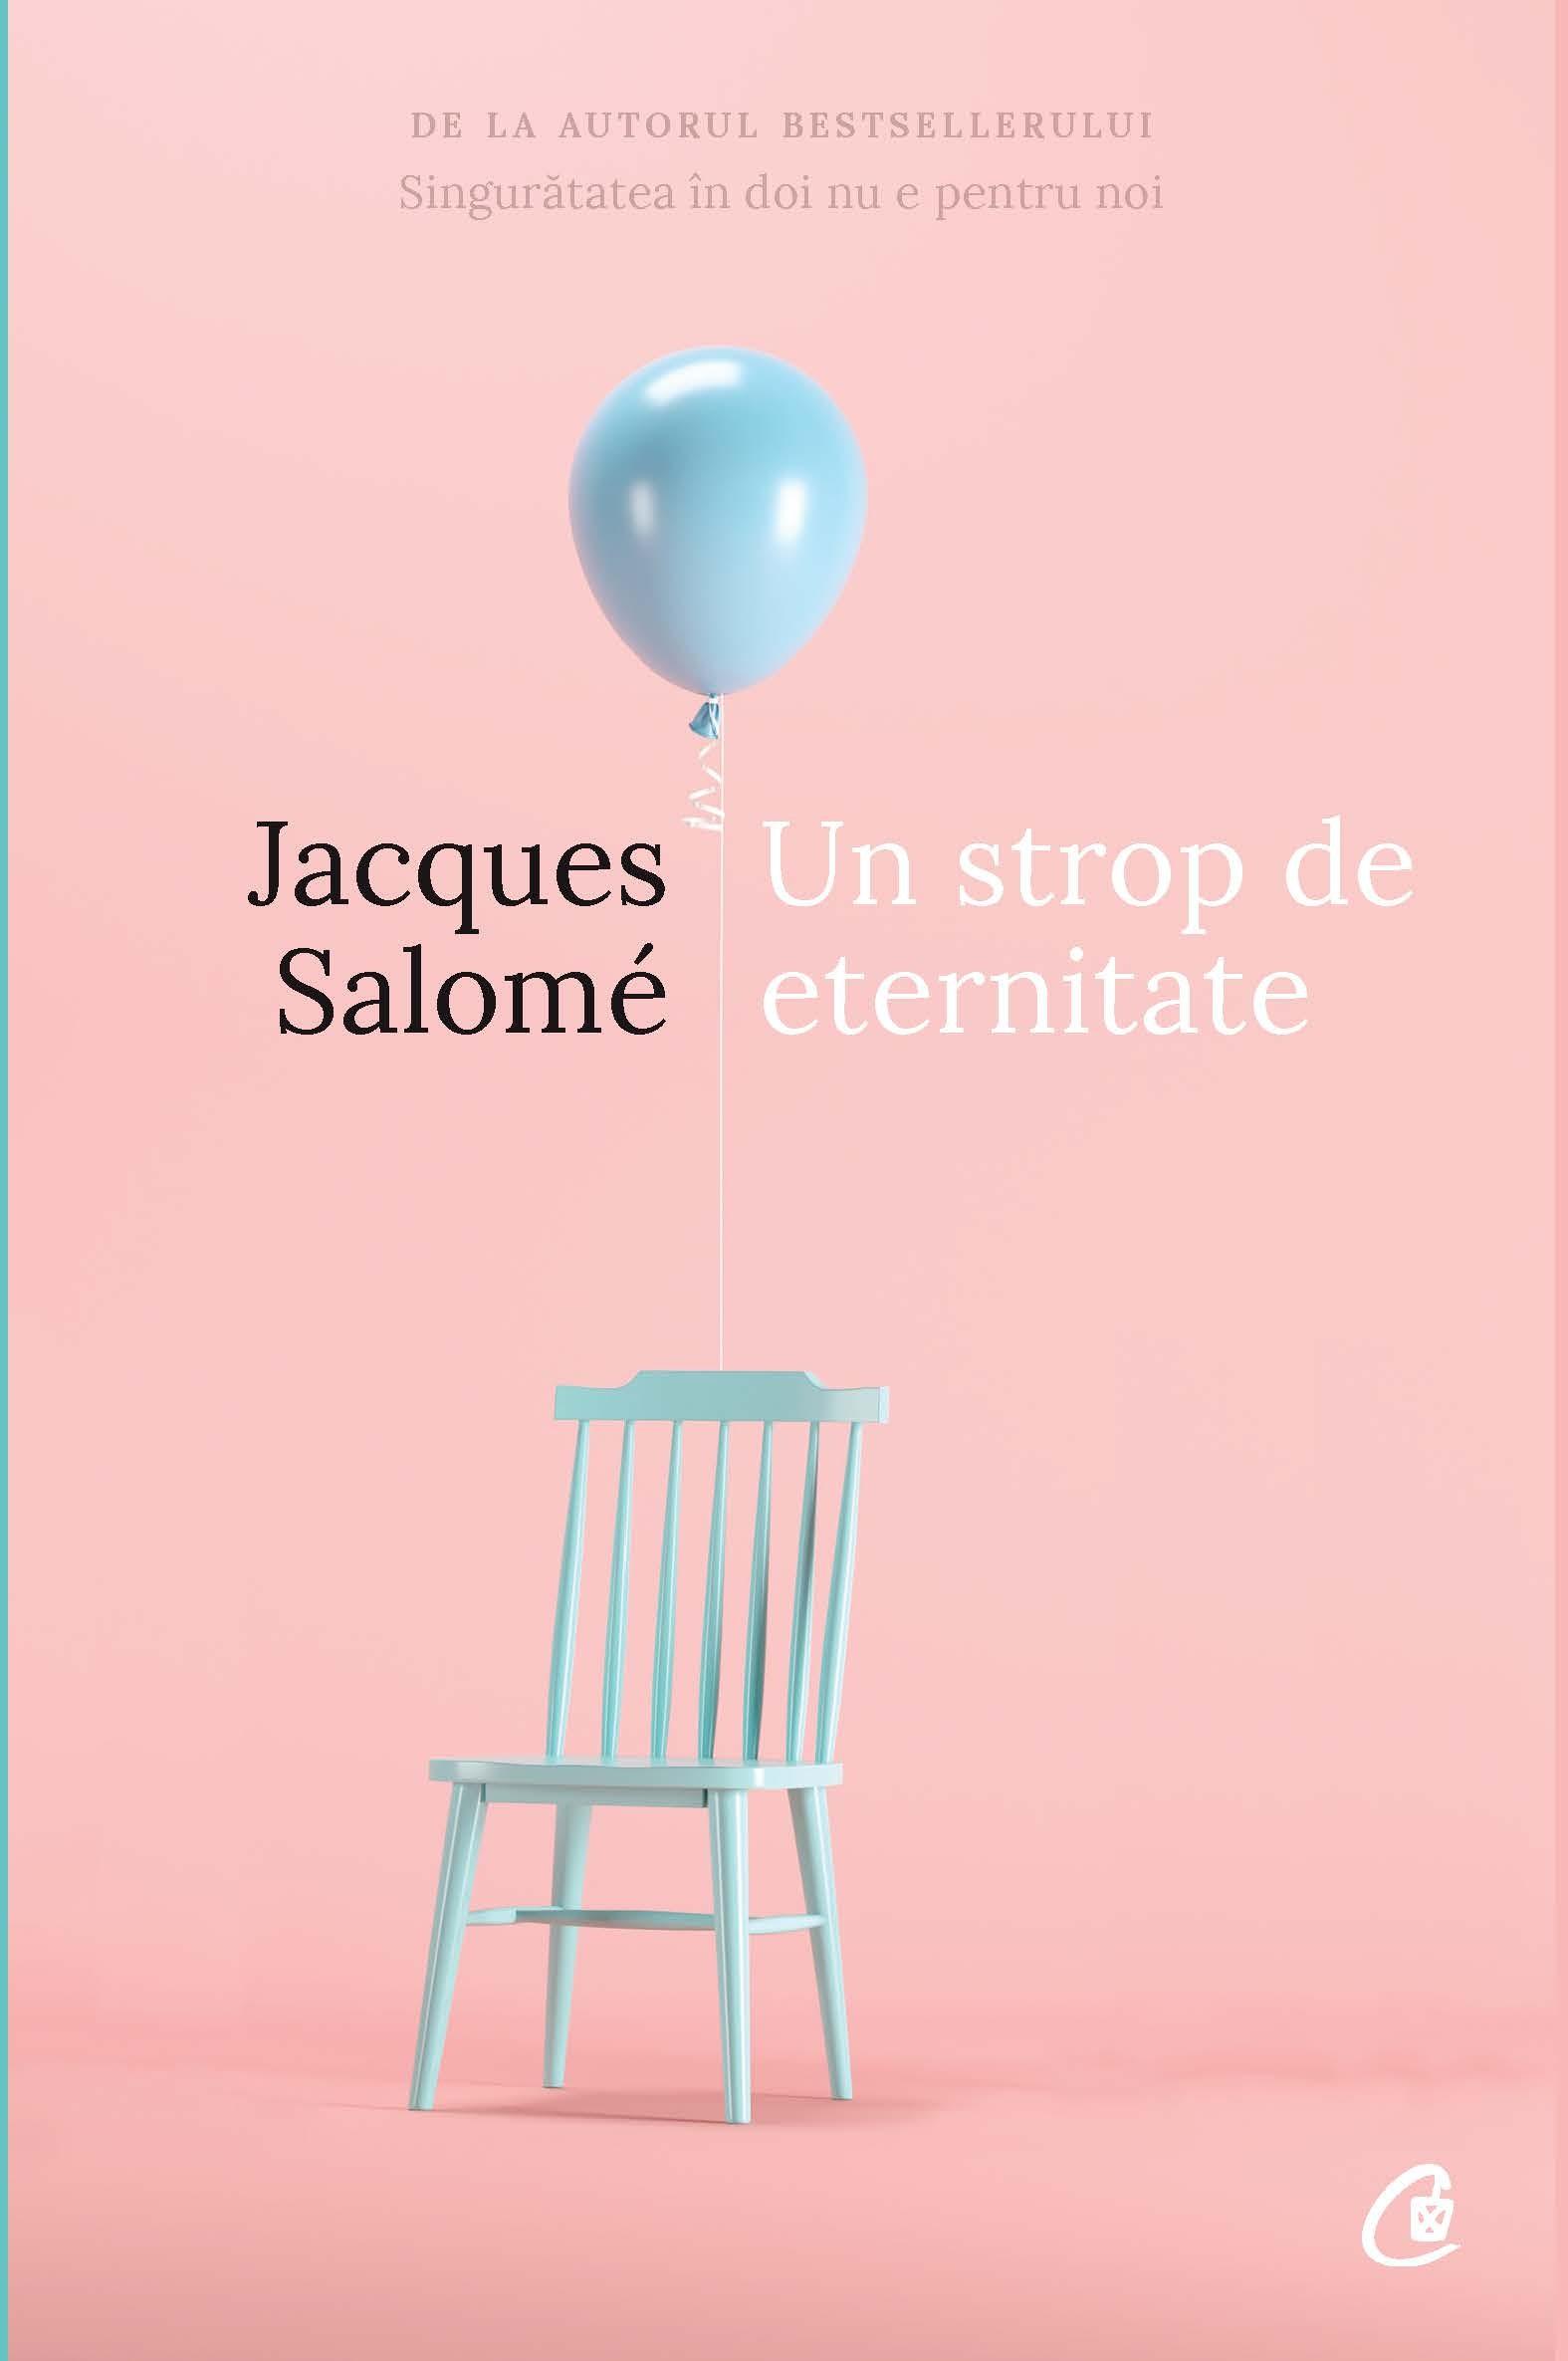 Imagine Un Strop De Eternitate - Jacques Salome